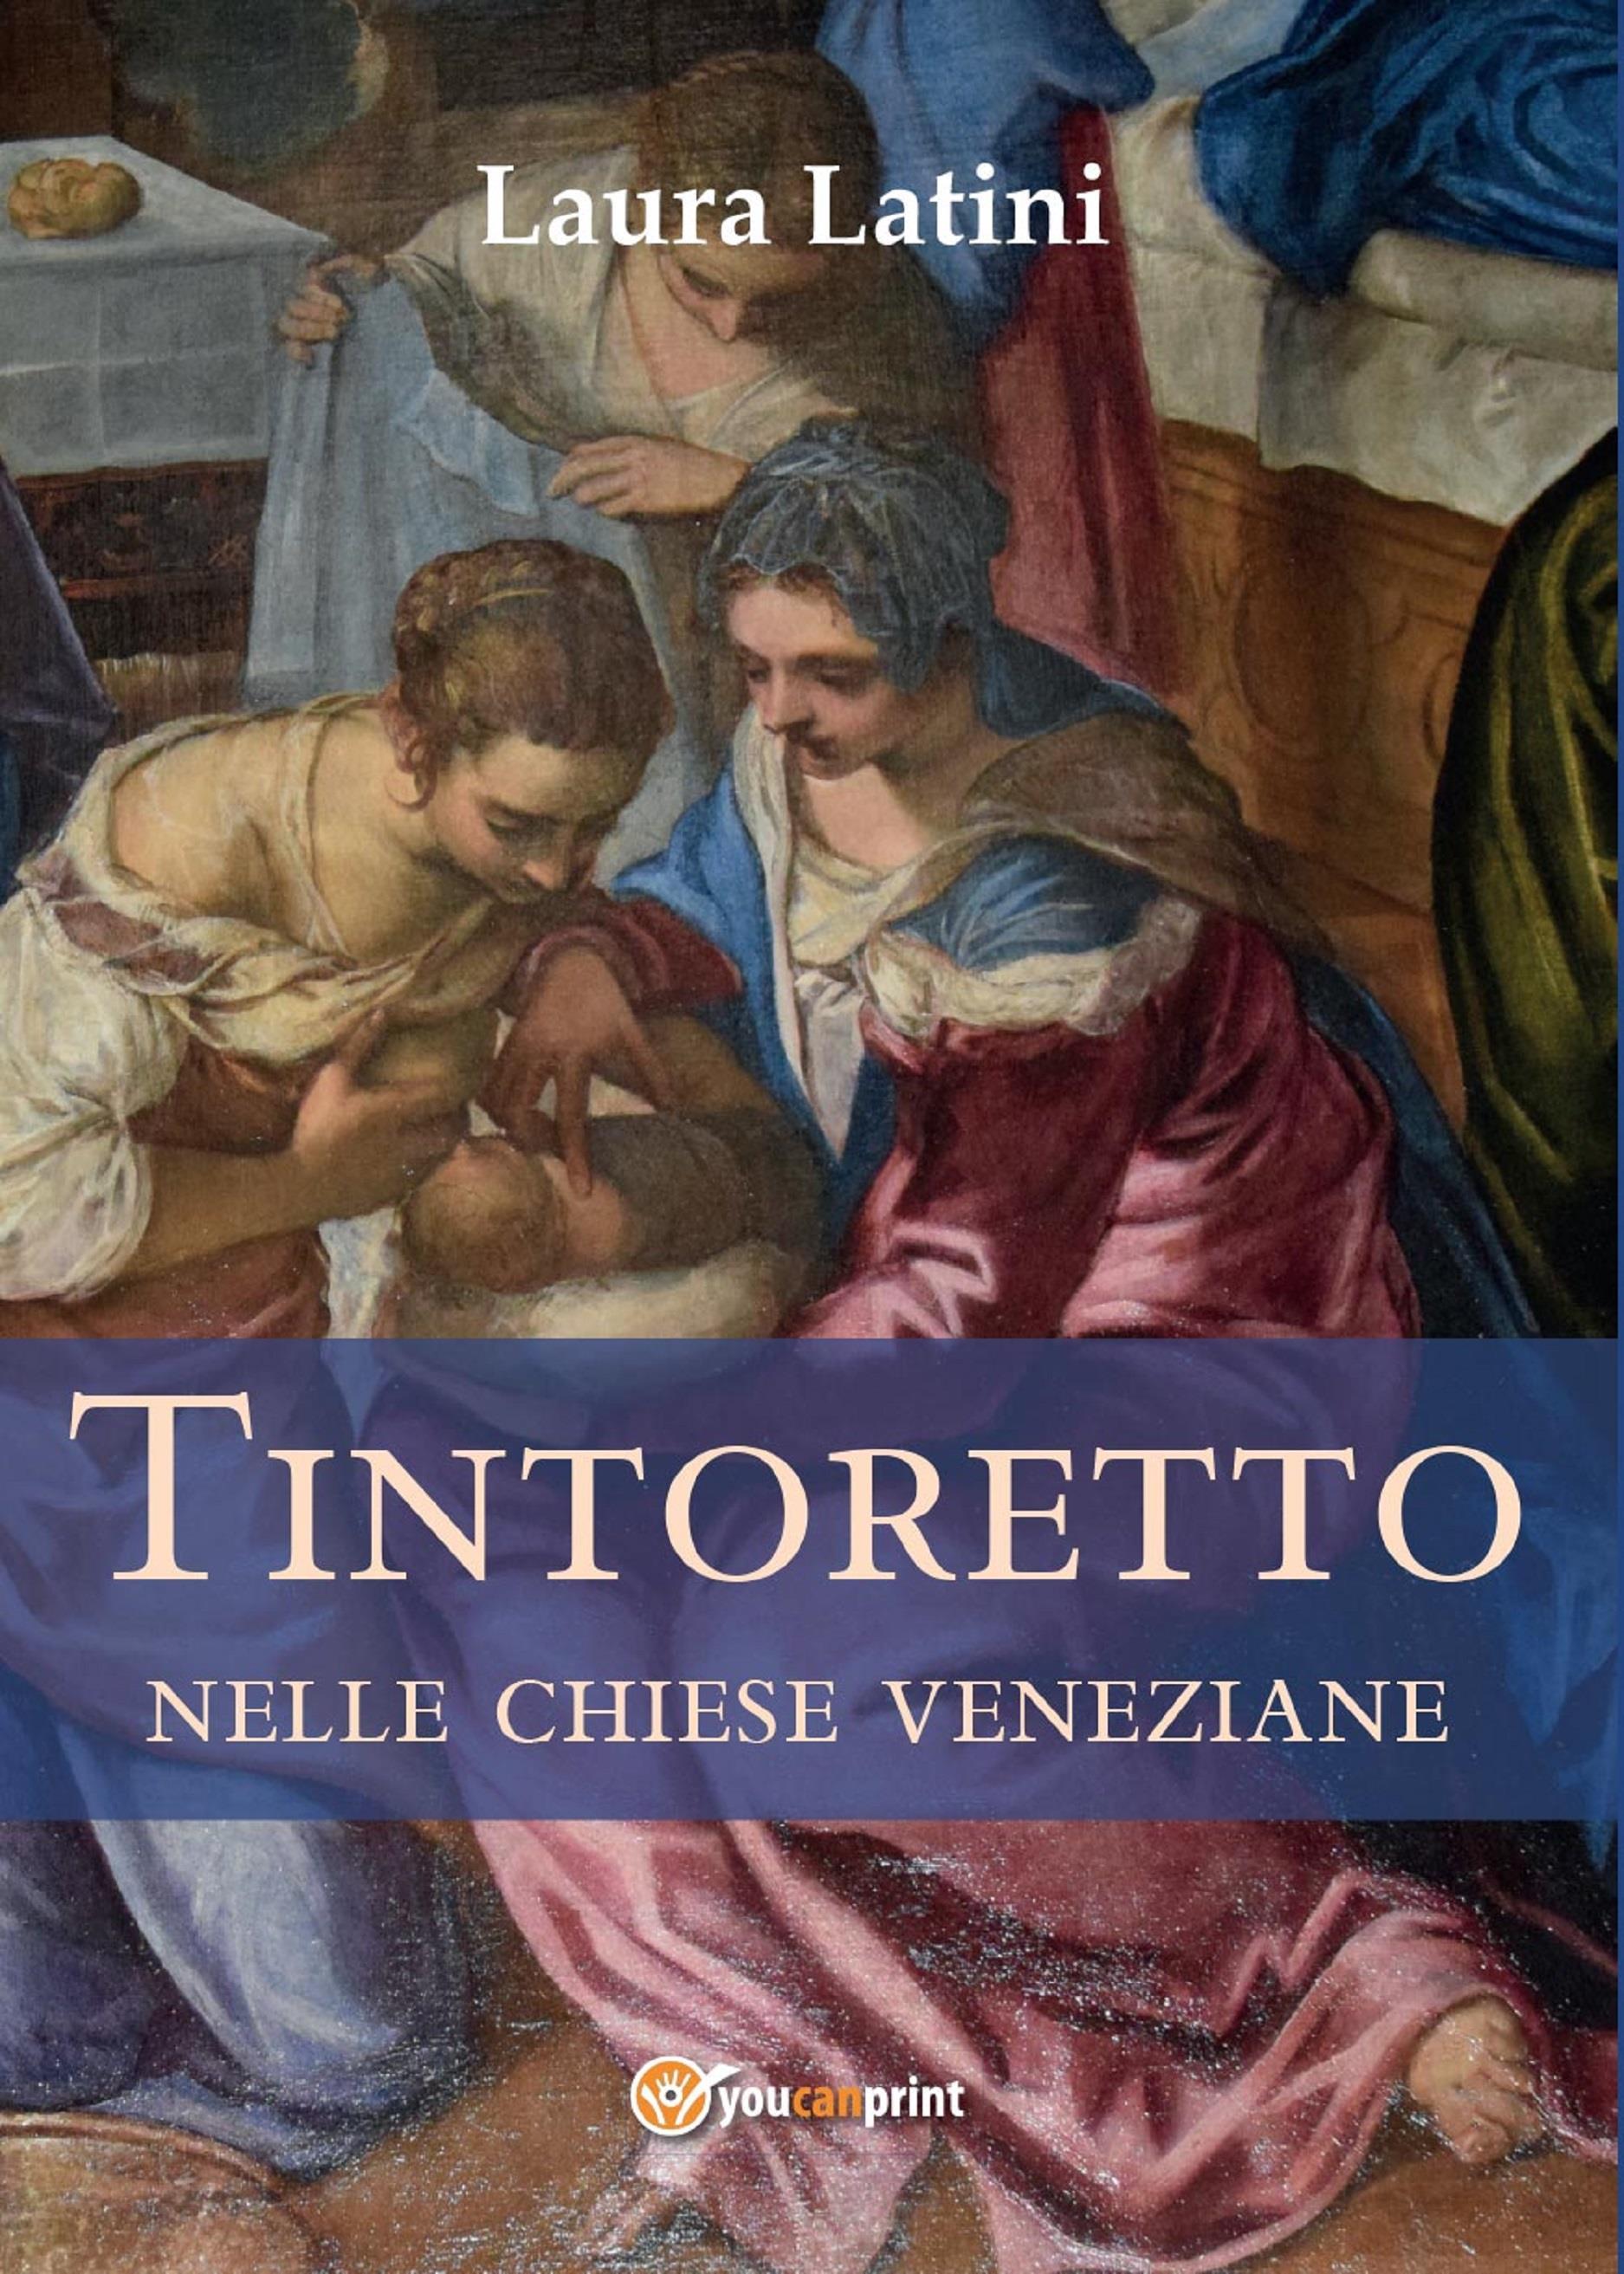 Tintoretto nelle chiese veneziane